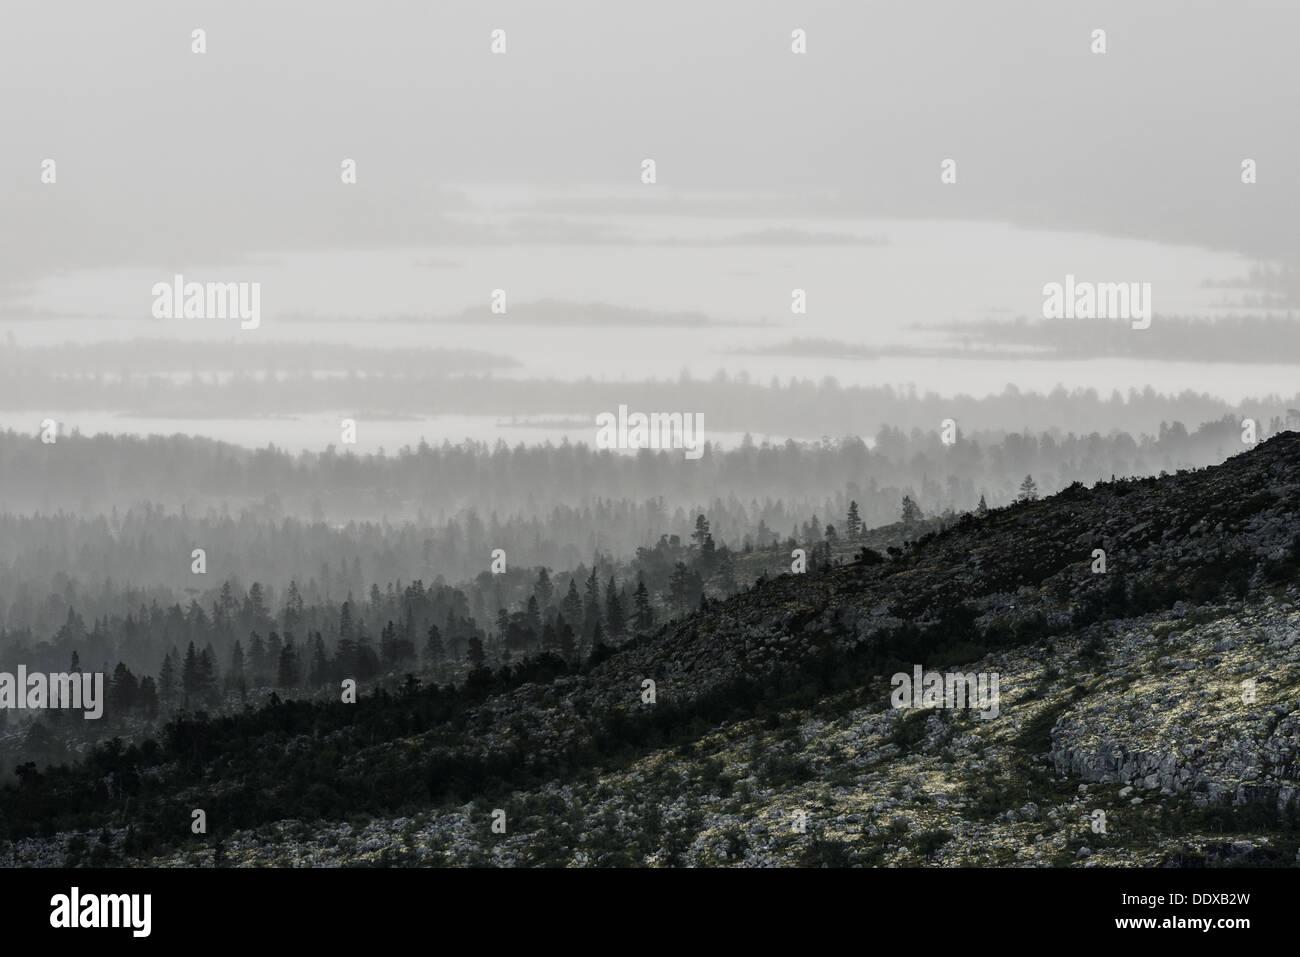 Rural scene, Dalarna, Sweden - Stock Image